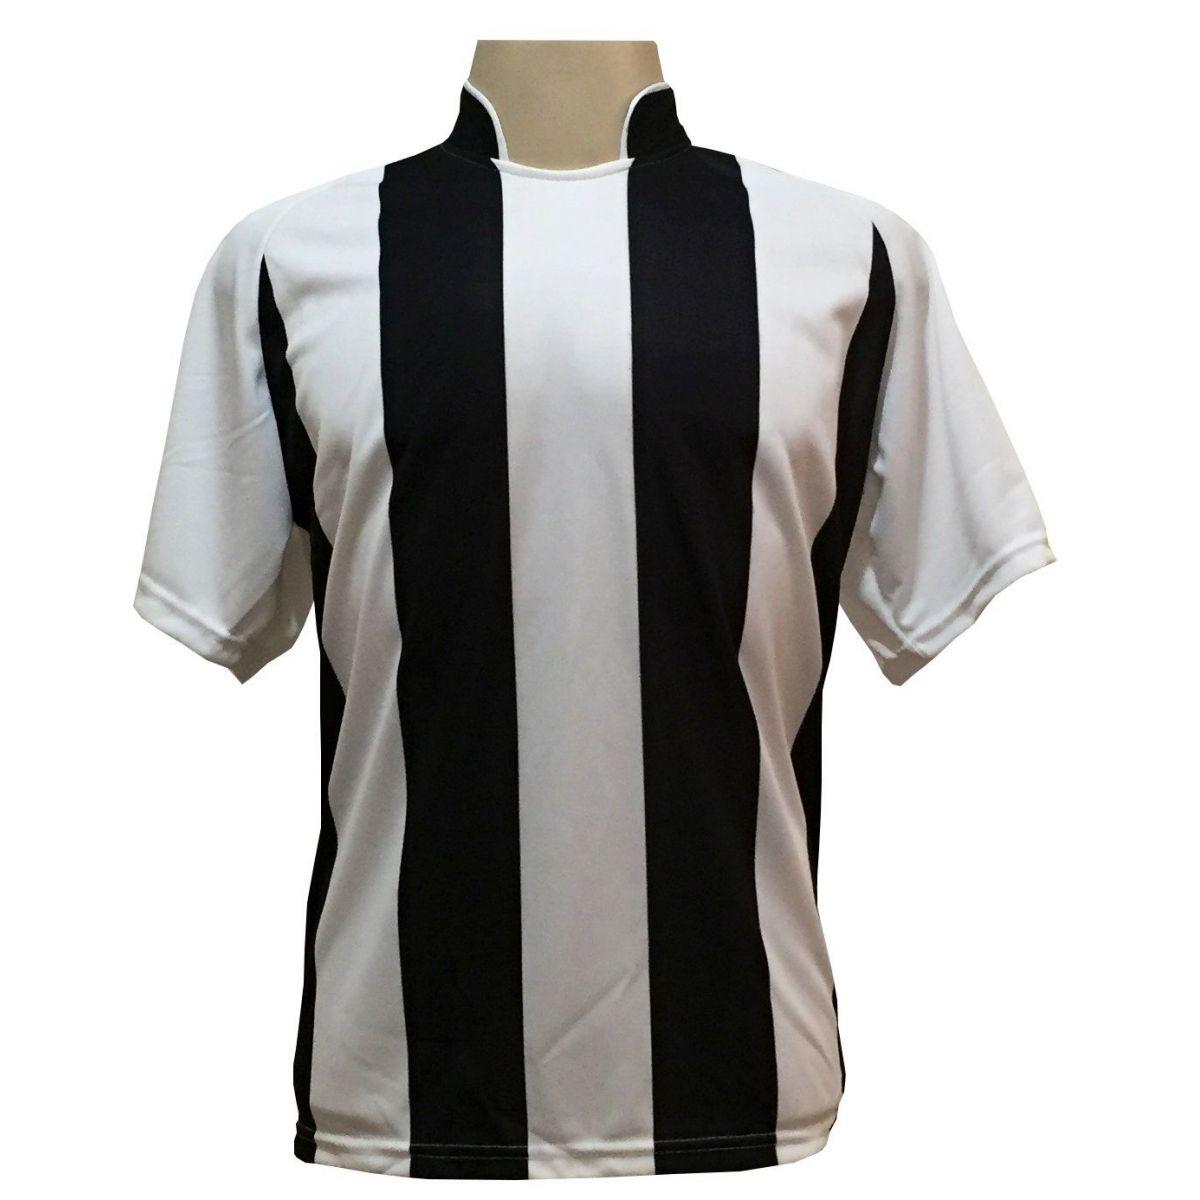 Uniforme Completo modelo Milan 18+2 (18 Camisas Branco/Preto + 18 Calções Copa Preto/Branco + 18 Pares de Meiões Pretos + 2 Conjuntos de Goleiro) + Brindes